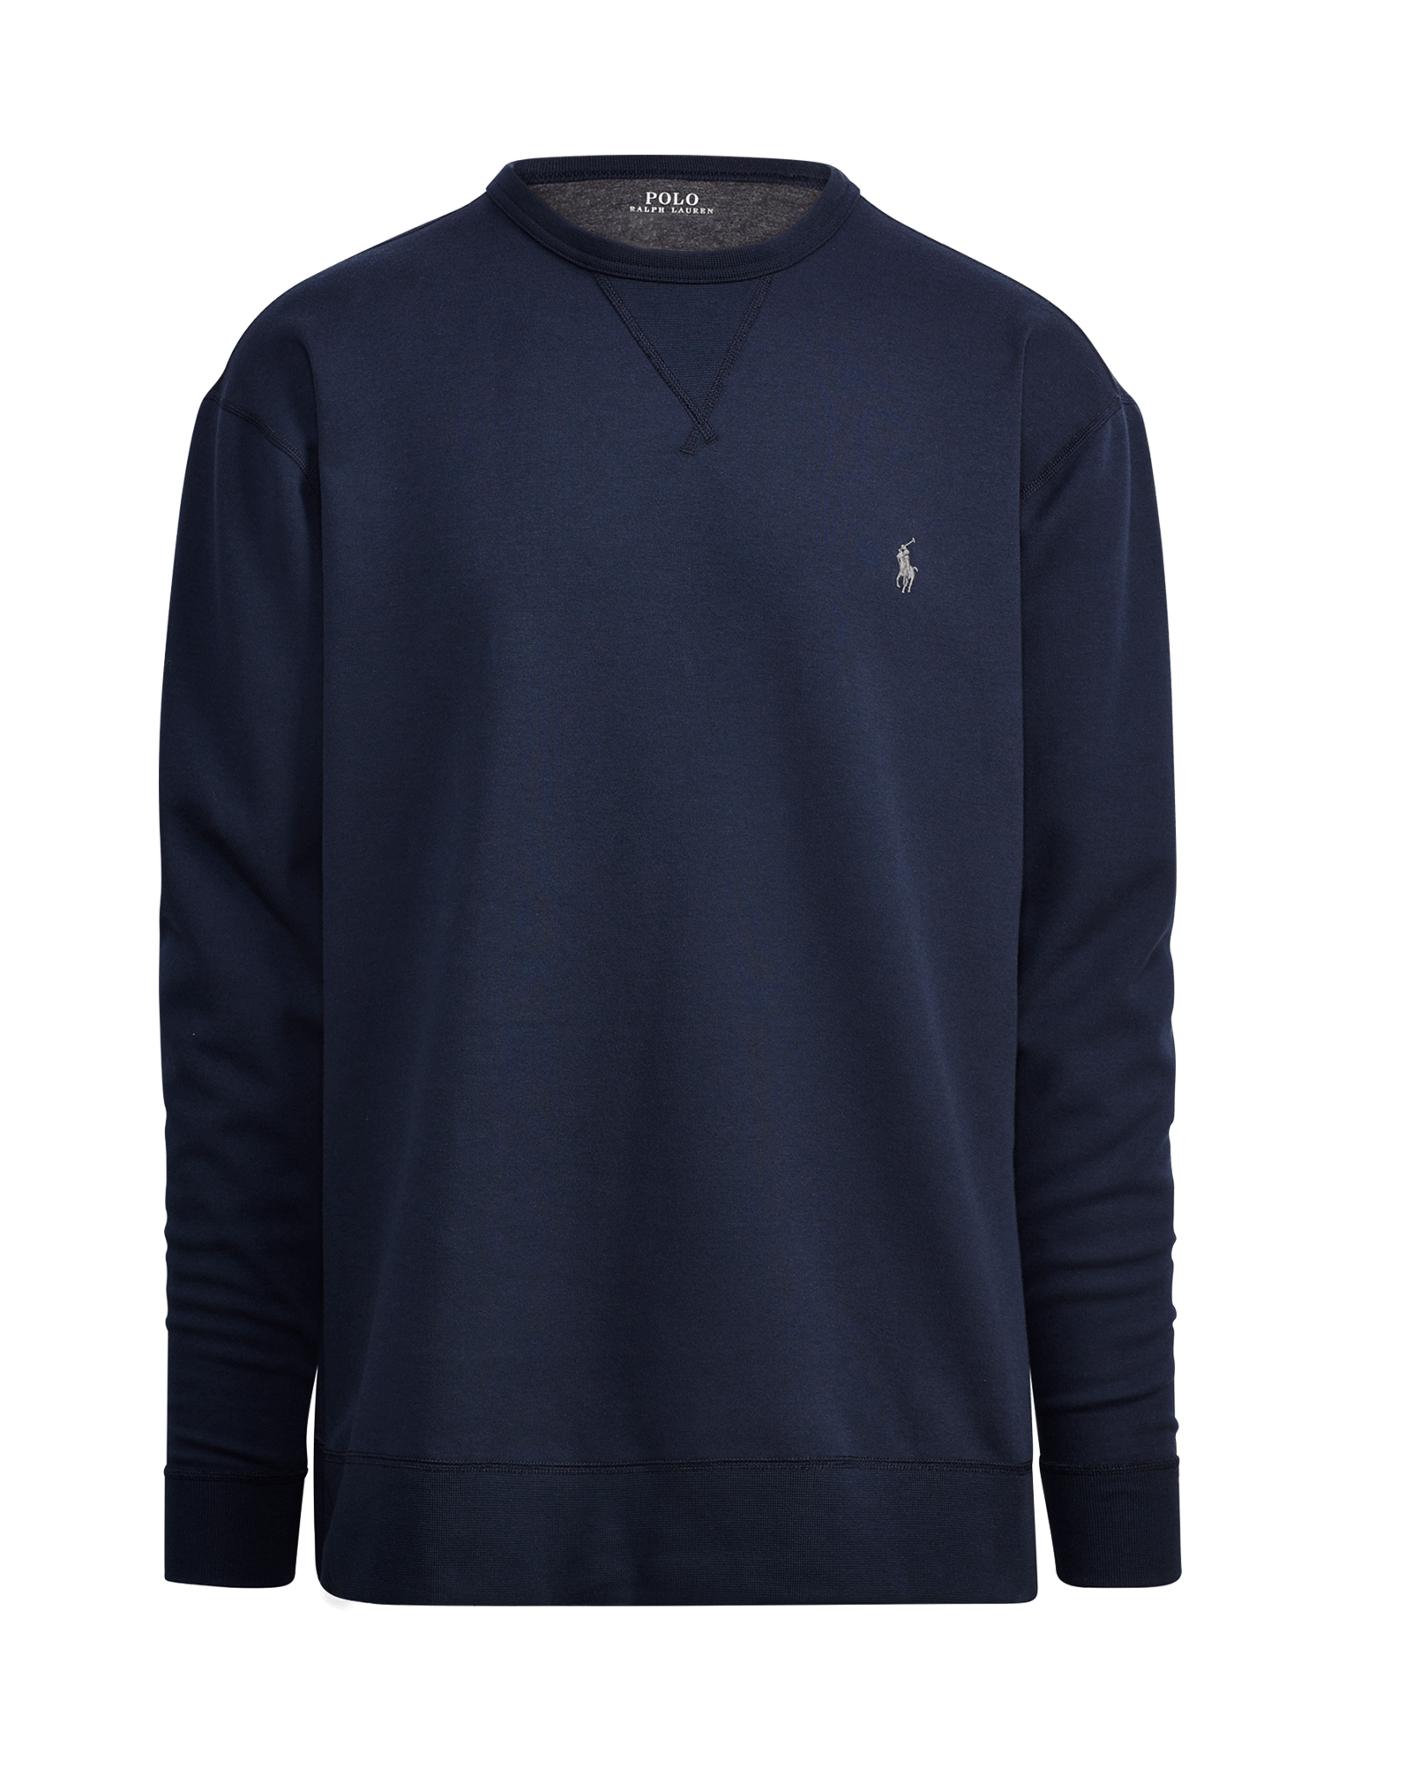 Men's T-Shirts, Sweatshirts, & Hoodies | Ralph Lauren